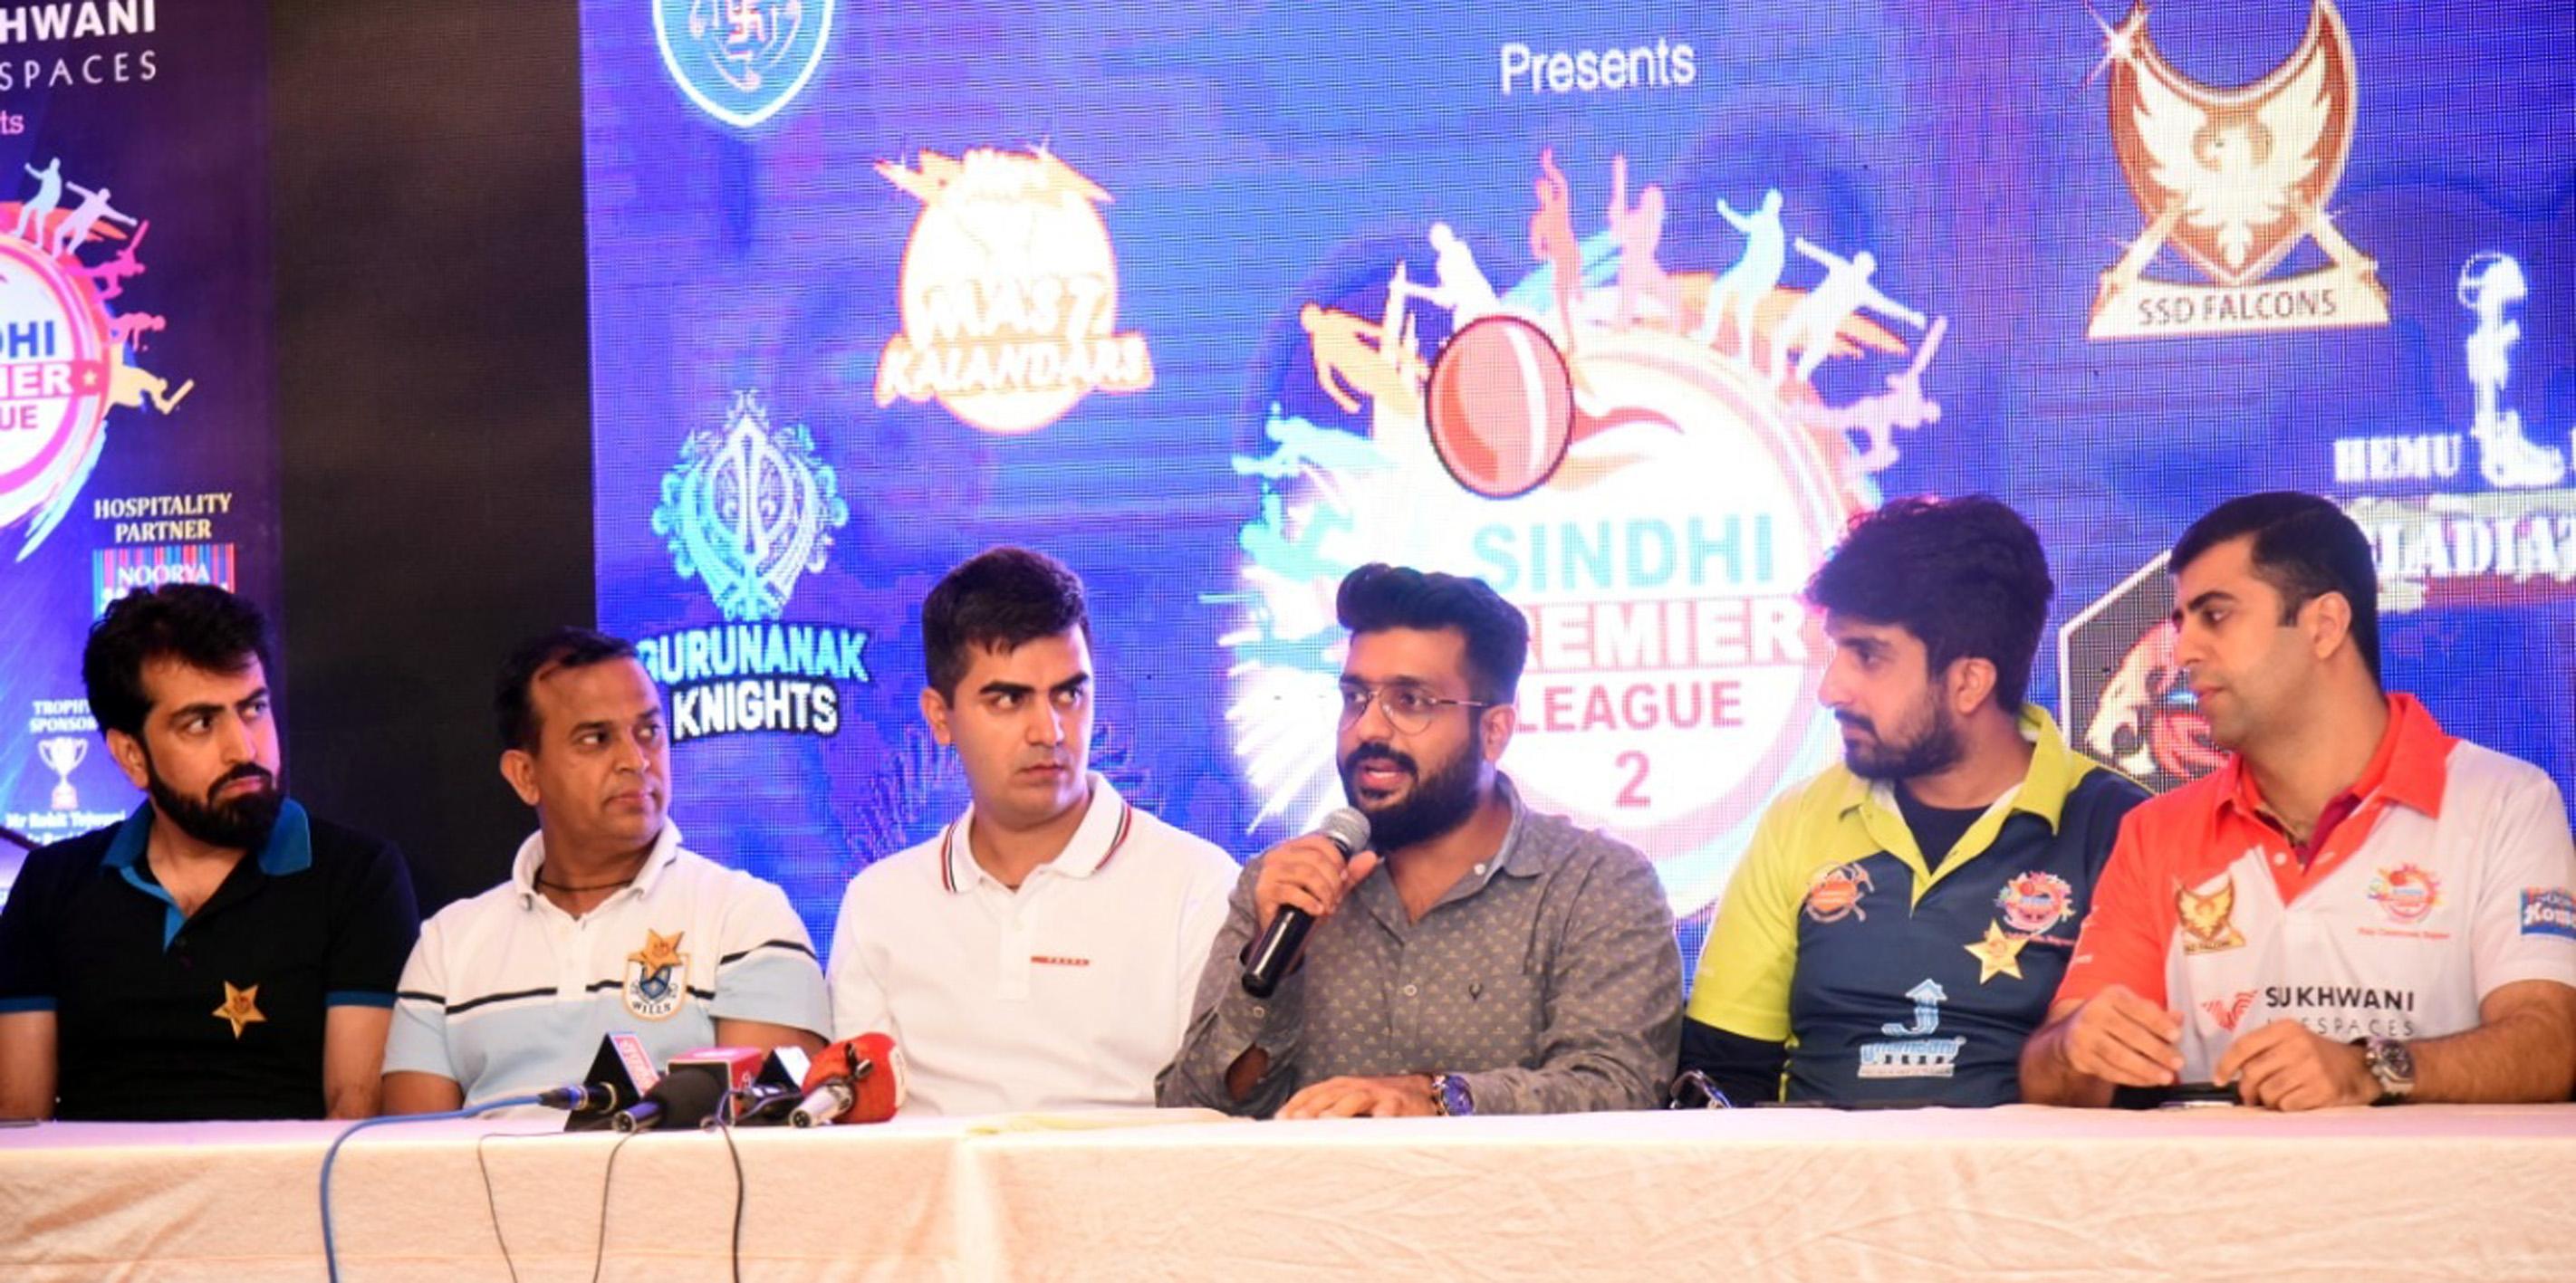 'सिंधी प्रीमियर लीग सीजन २' रंगणार डिसेंबरपासून